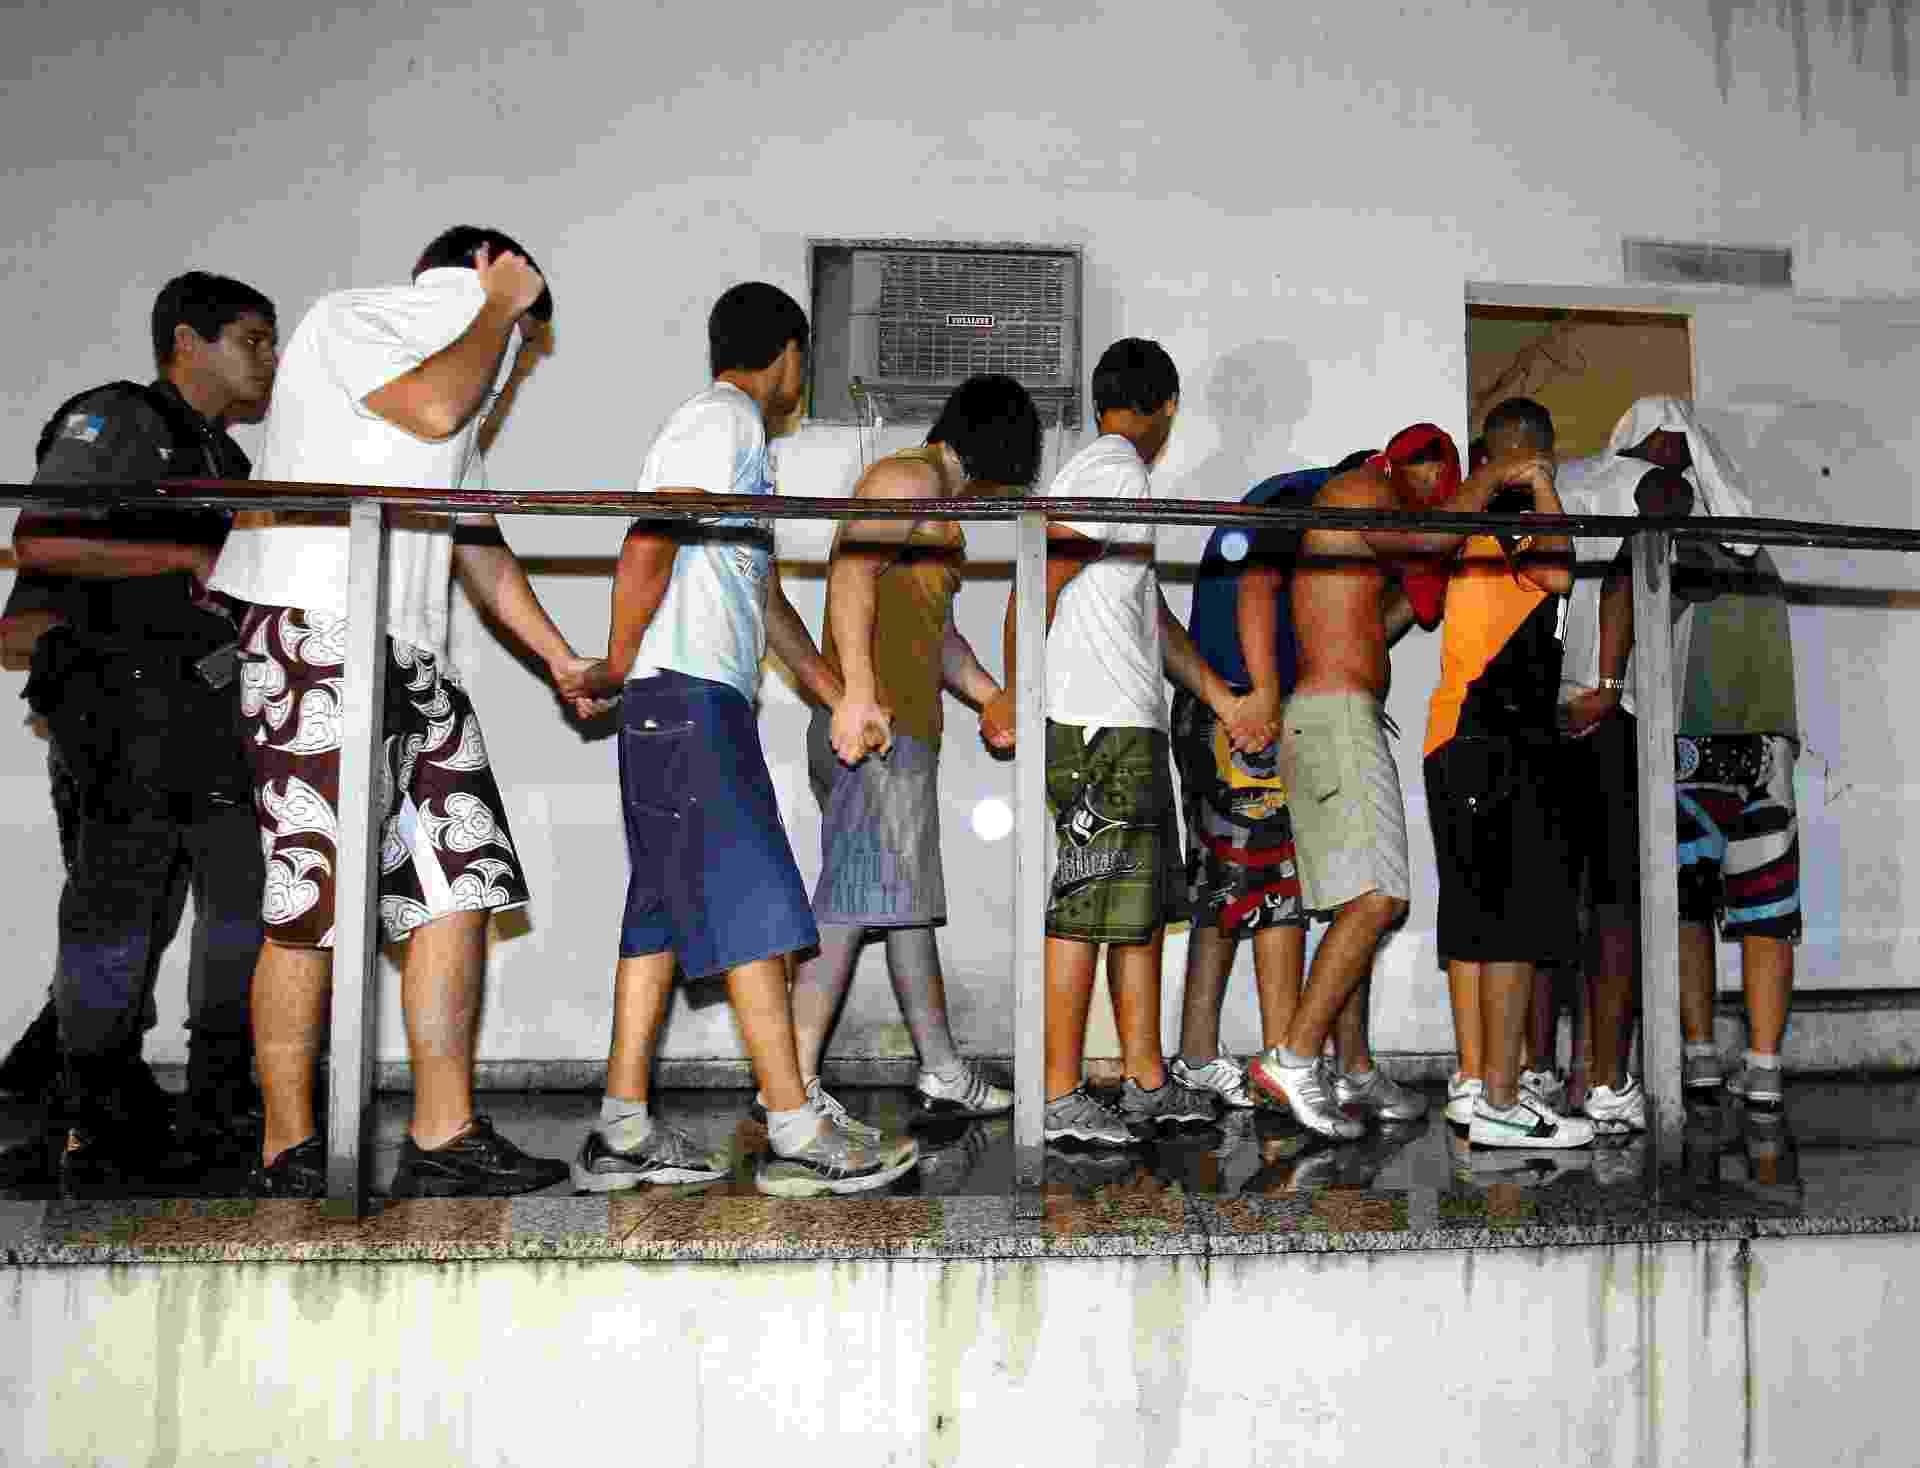 15.abr.2015 - Policial conduz jovens detidos após briga na zona norte do Rio de Janeiro (RJ) - Celso Meira/Agência O Globo